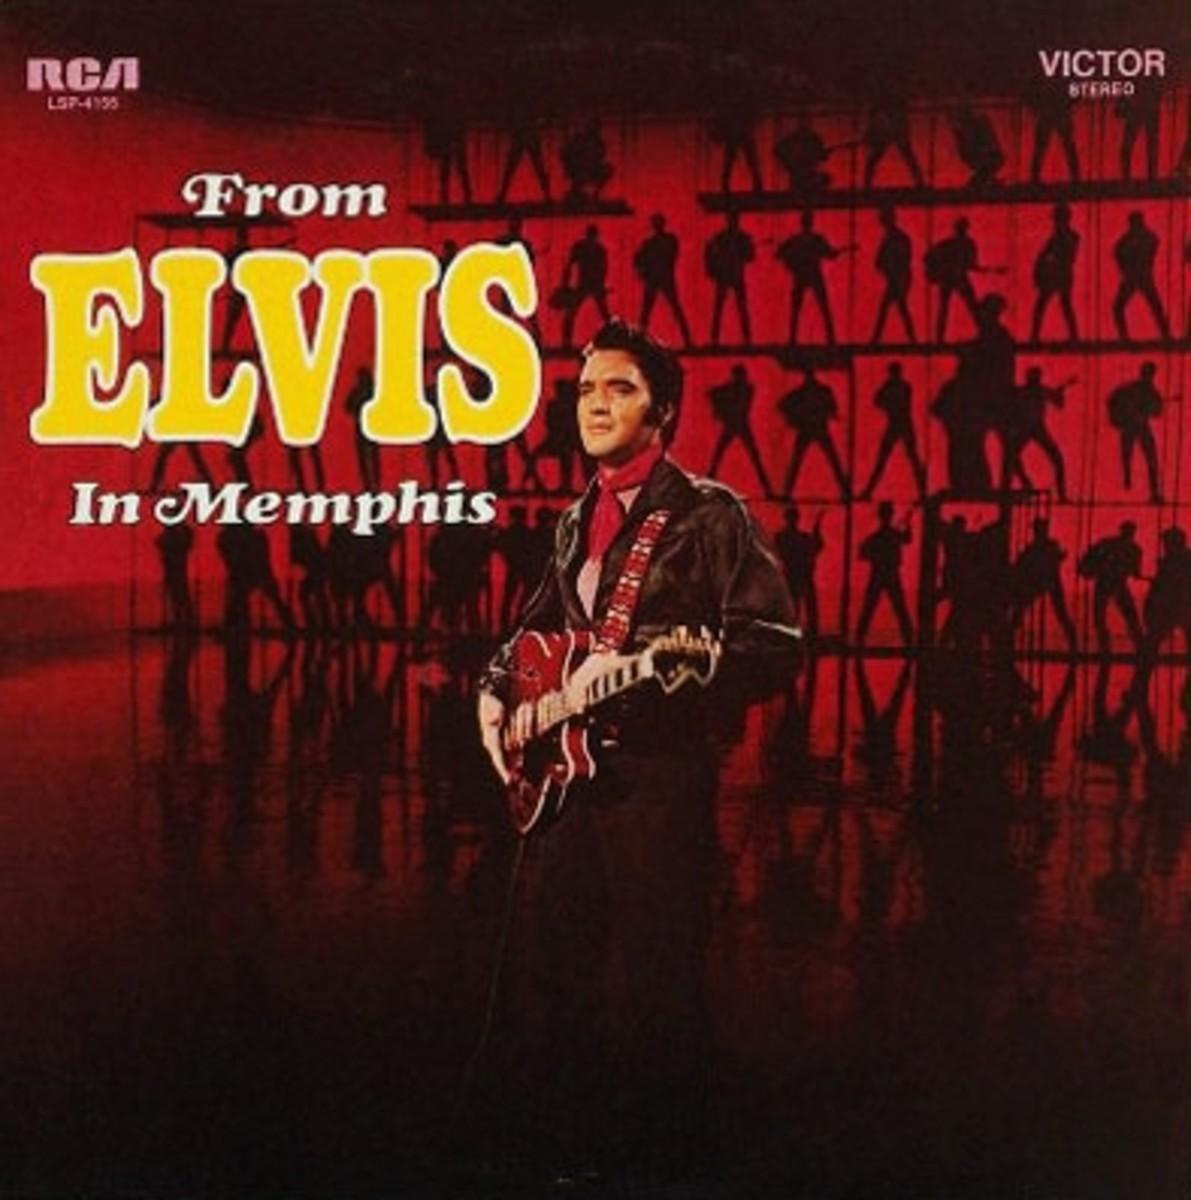 From Elvis in Memphis LP album cover